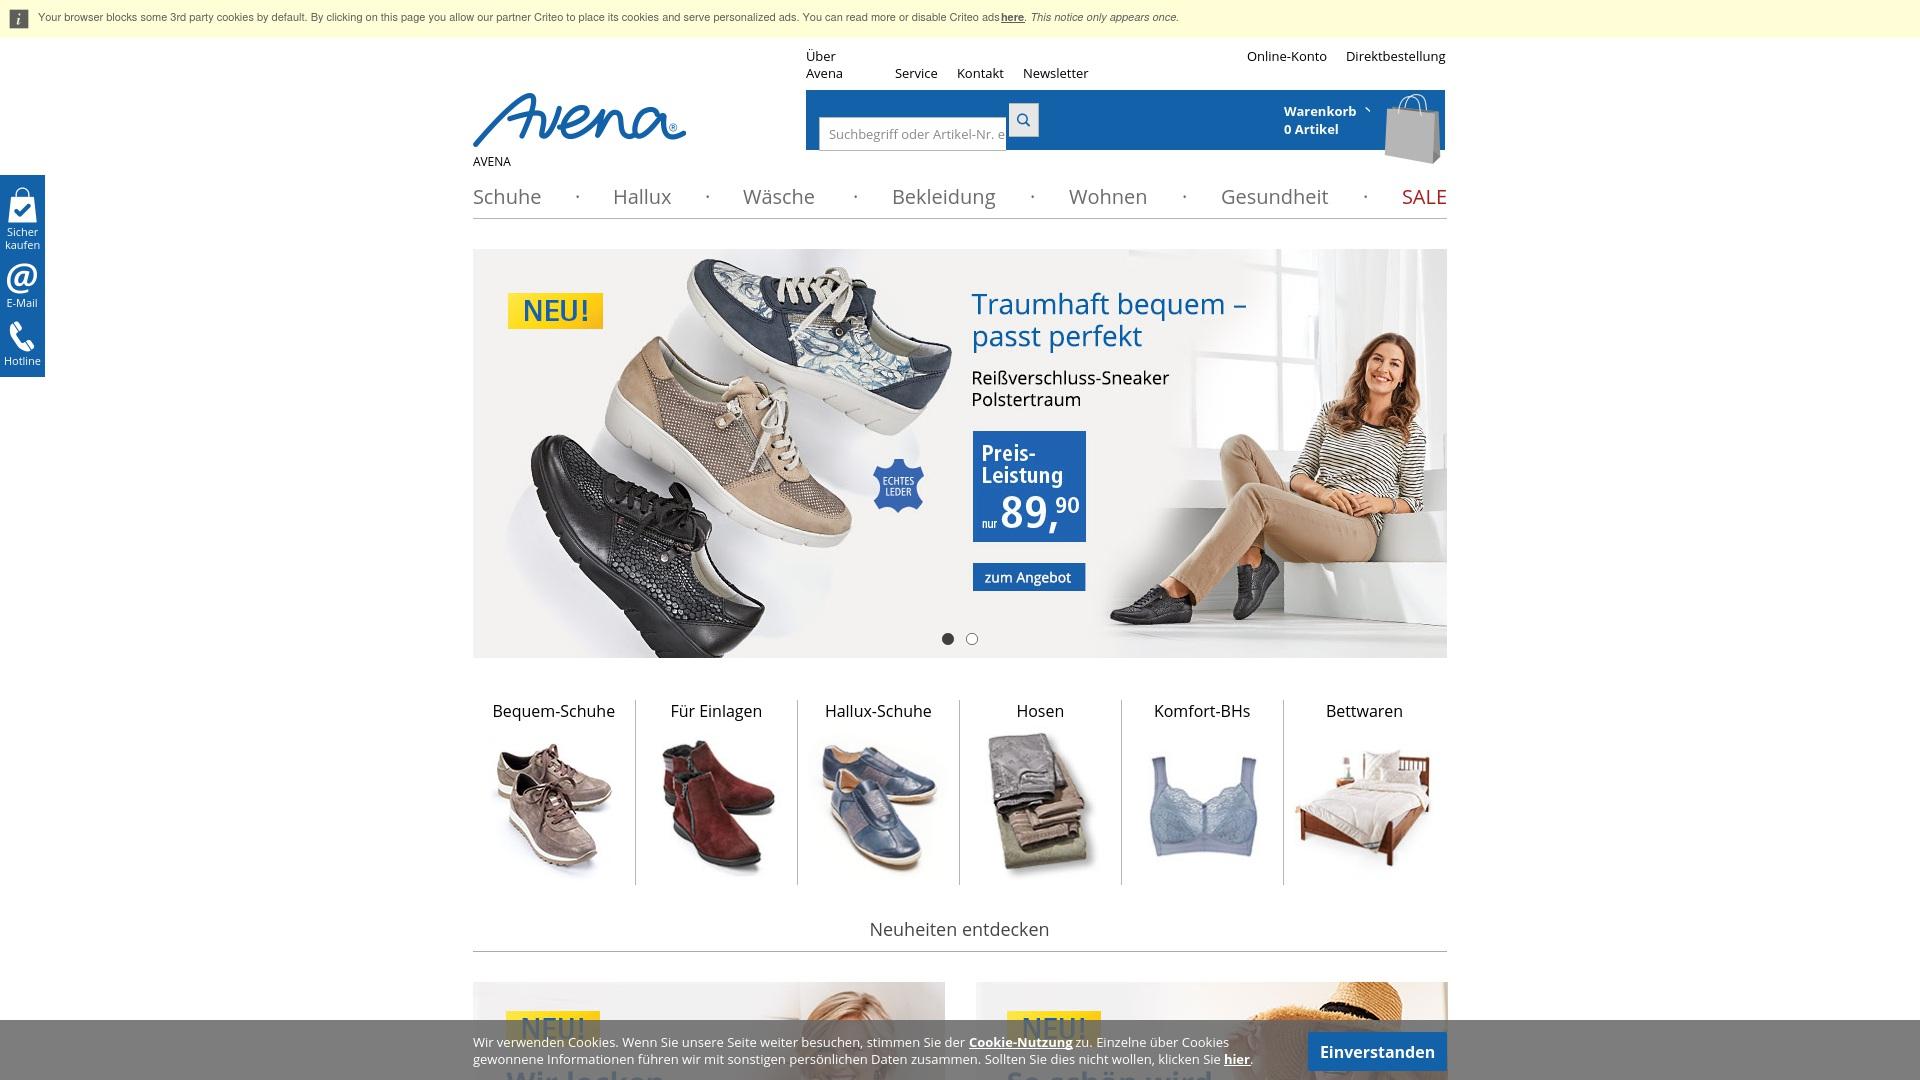 Geld zurück bei Avena: Jetzt im Oktober 2021 Cashback für Avena sichern